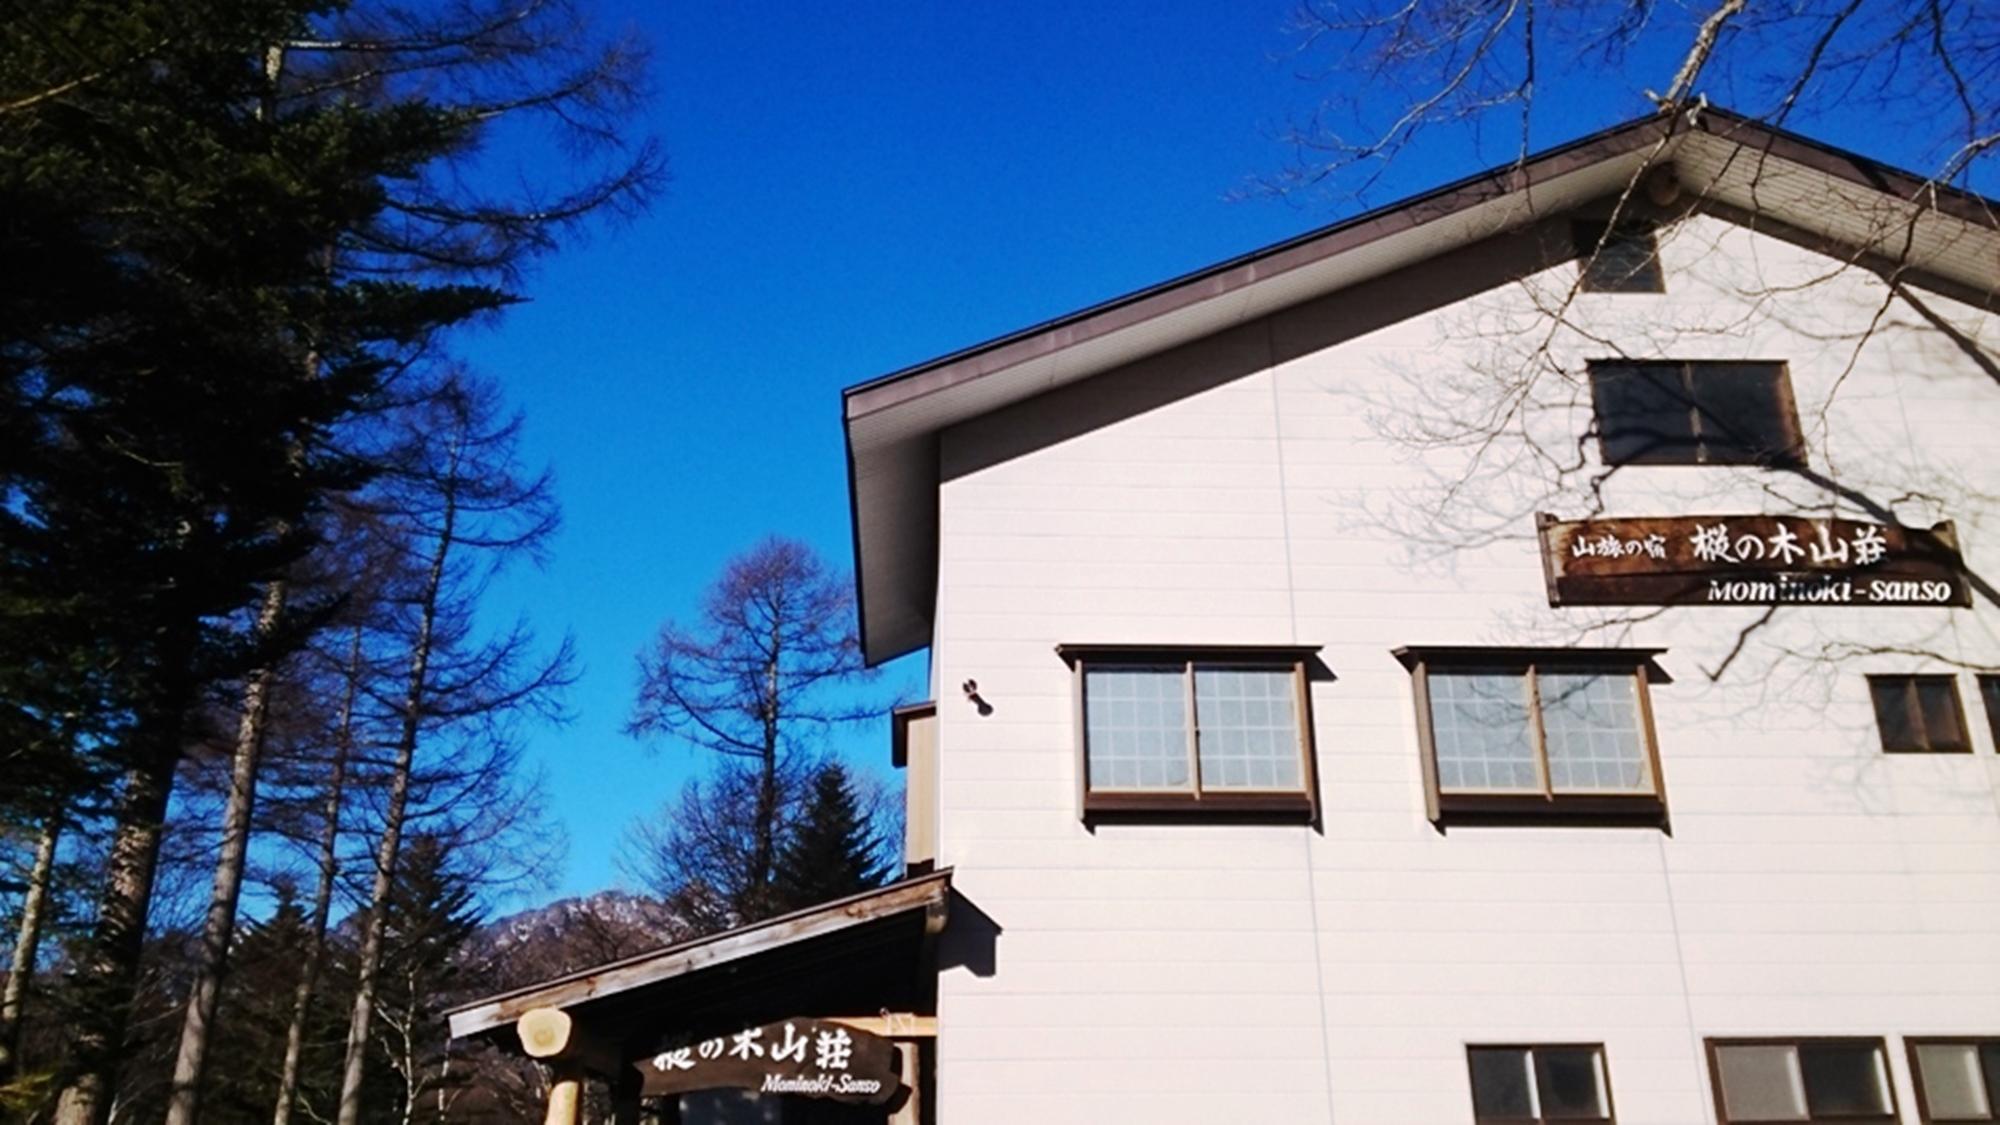 山旅の宿 樅の木山荘